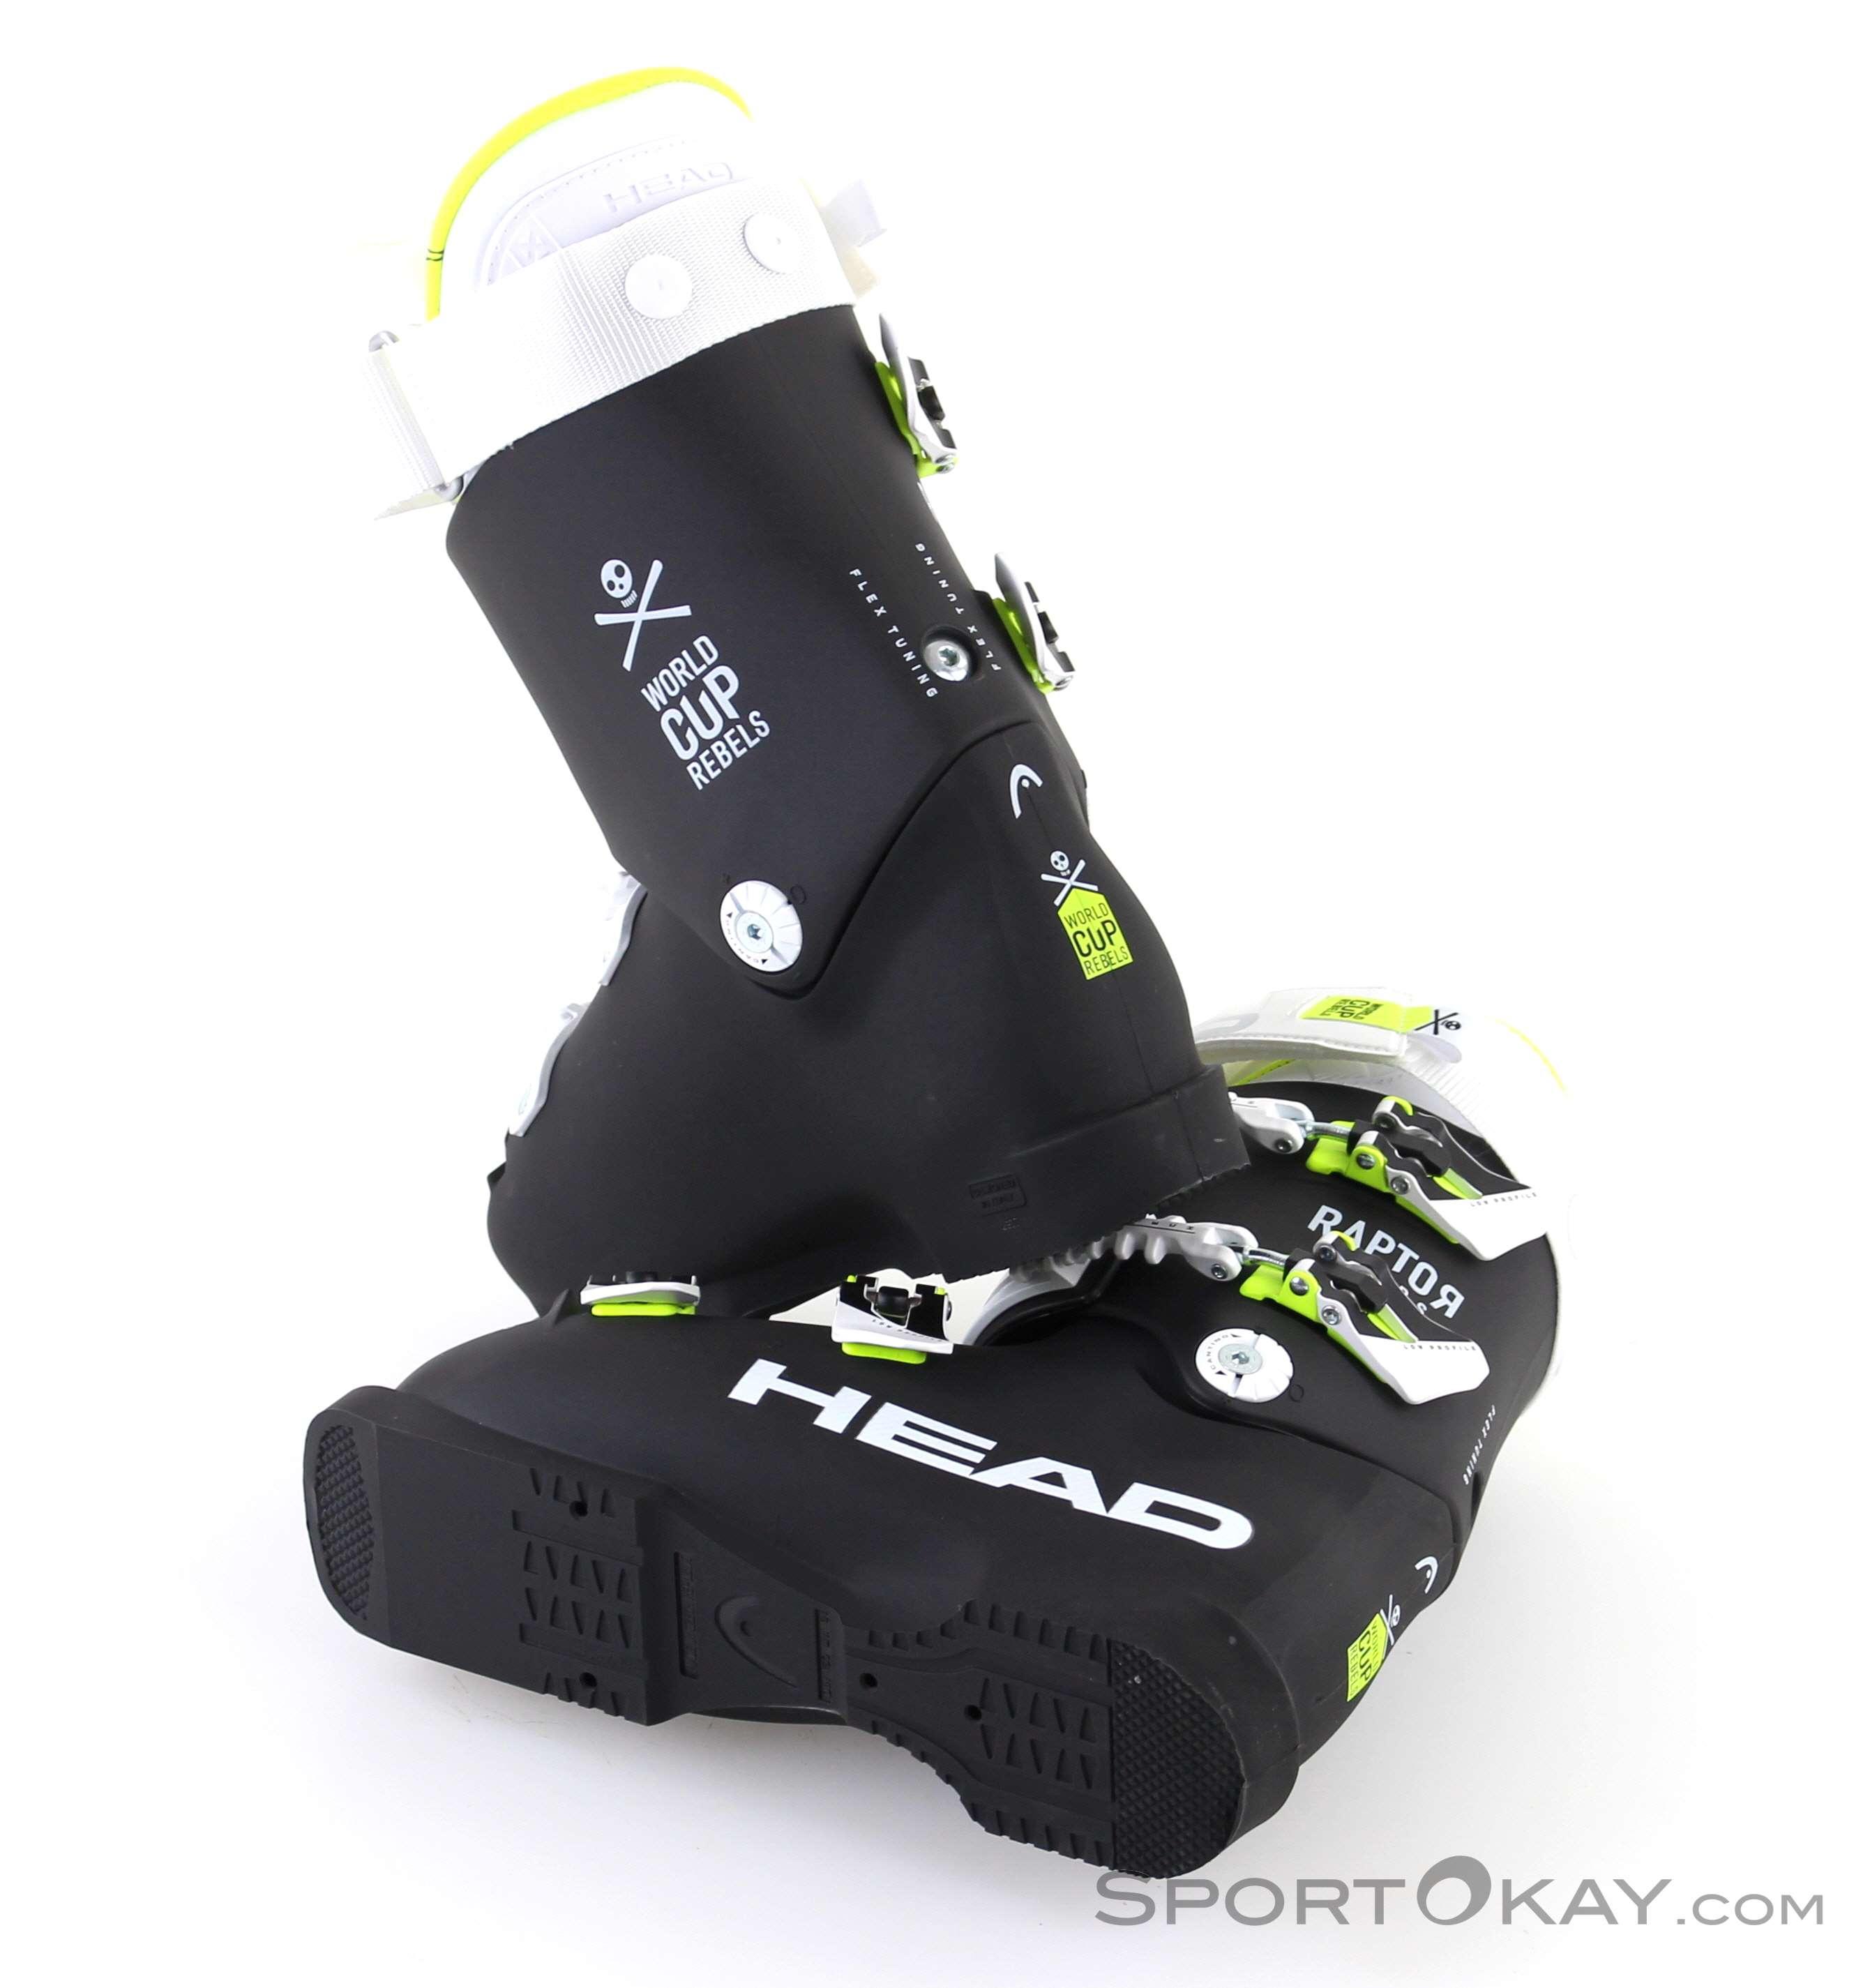 242d568f1456 Head Raptor 110S RS W Womens Ski Boots - Alpine Ski Boots - Ski ...